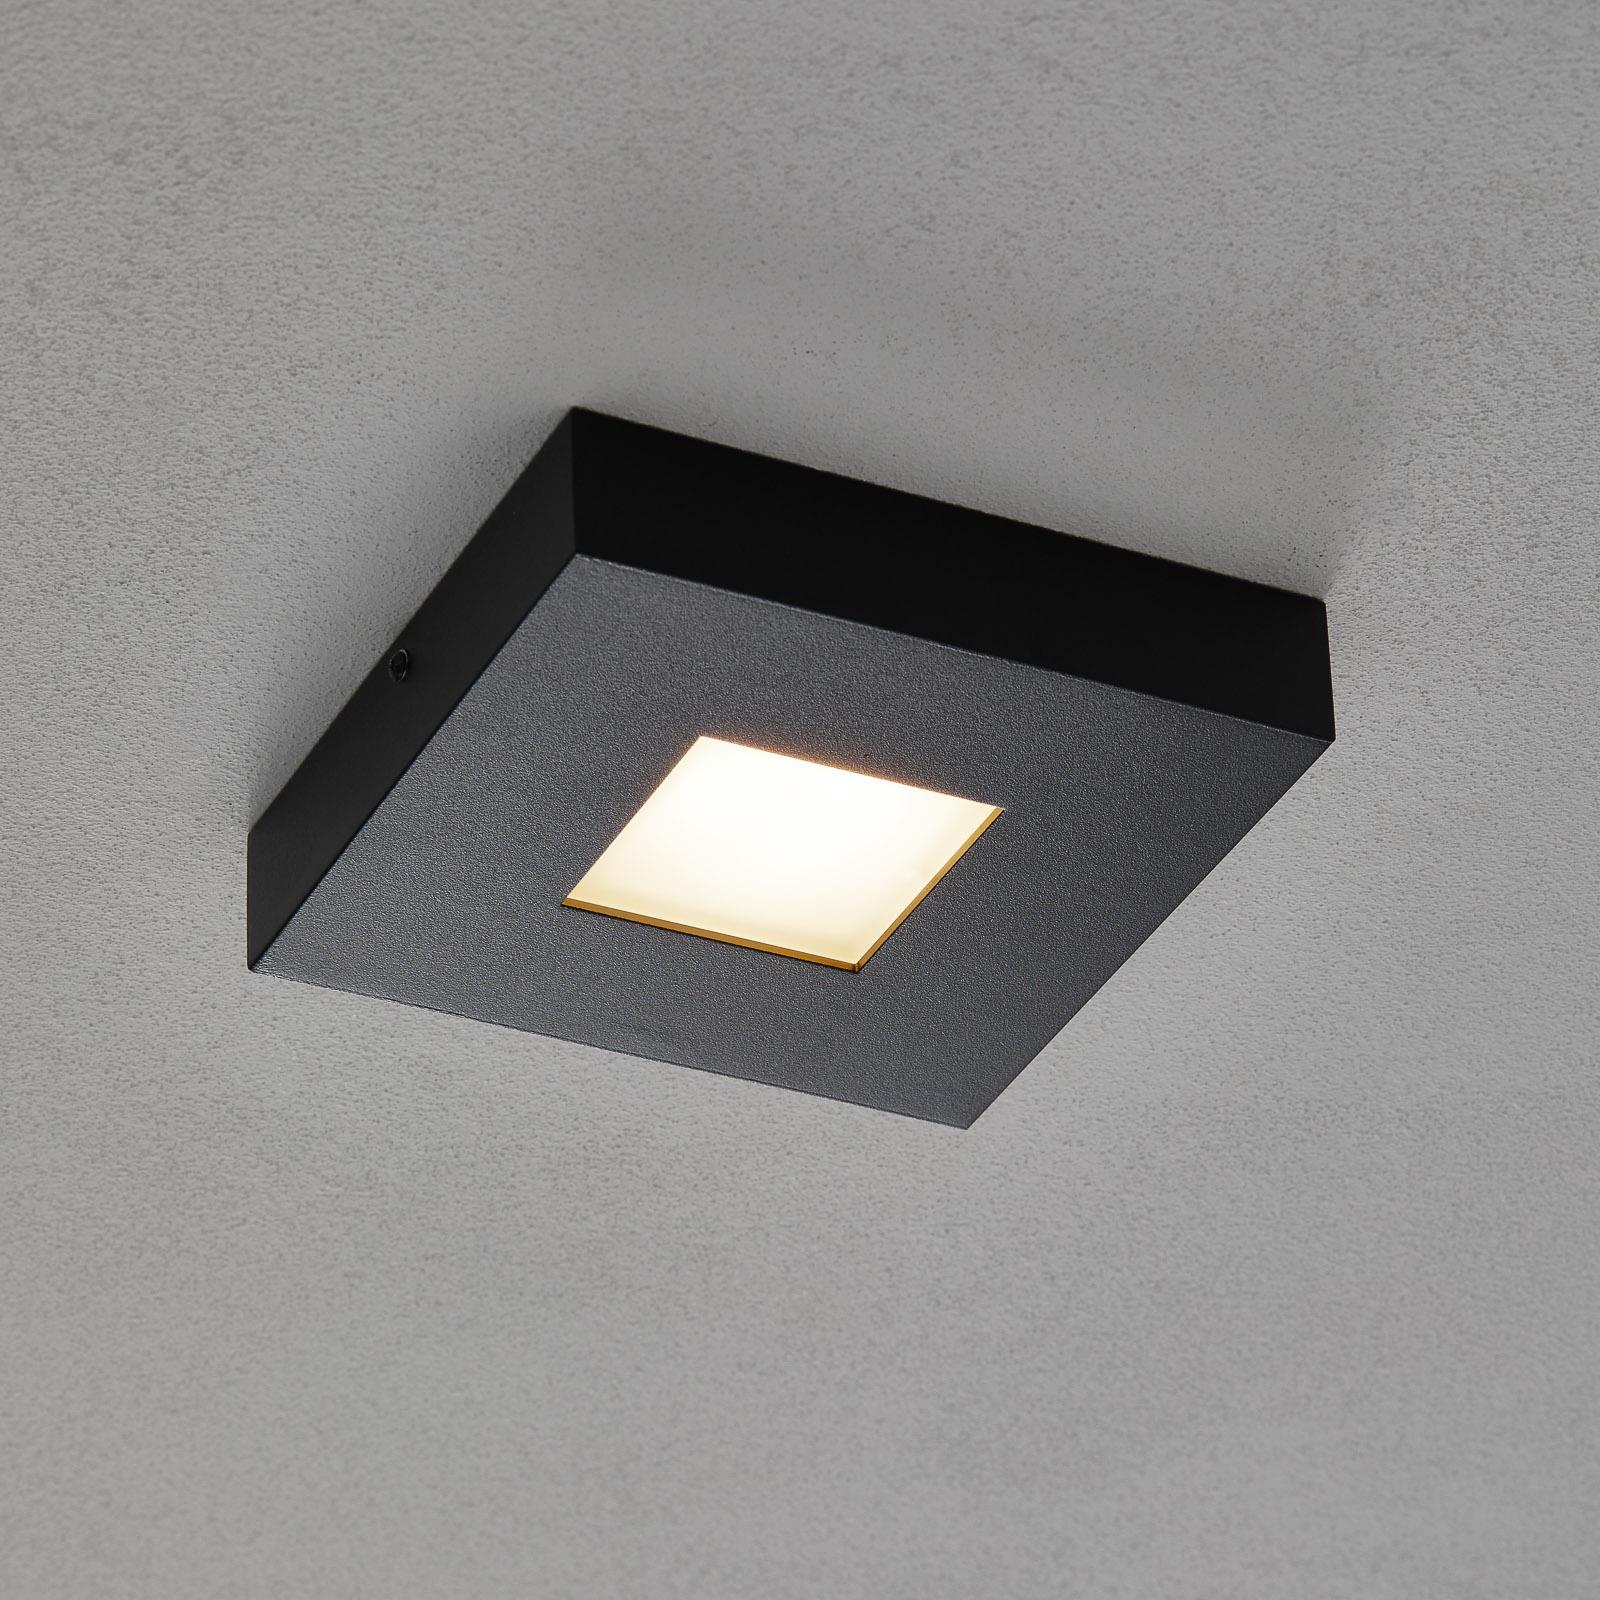 Bopp Cubus stropné LED svietidlo v čiernej_1556135_1